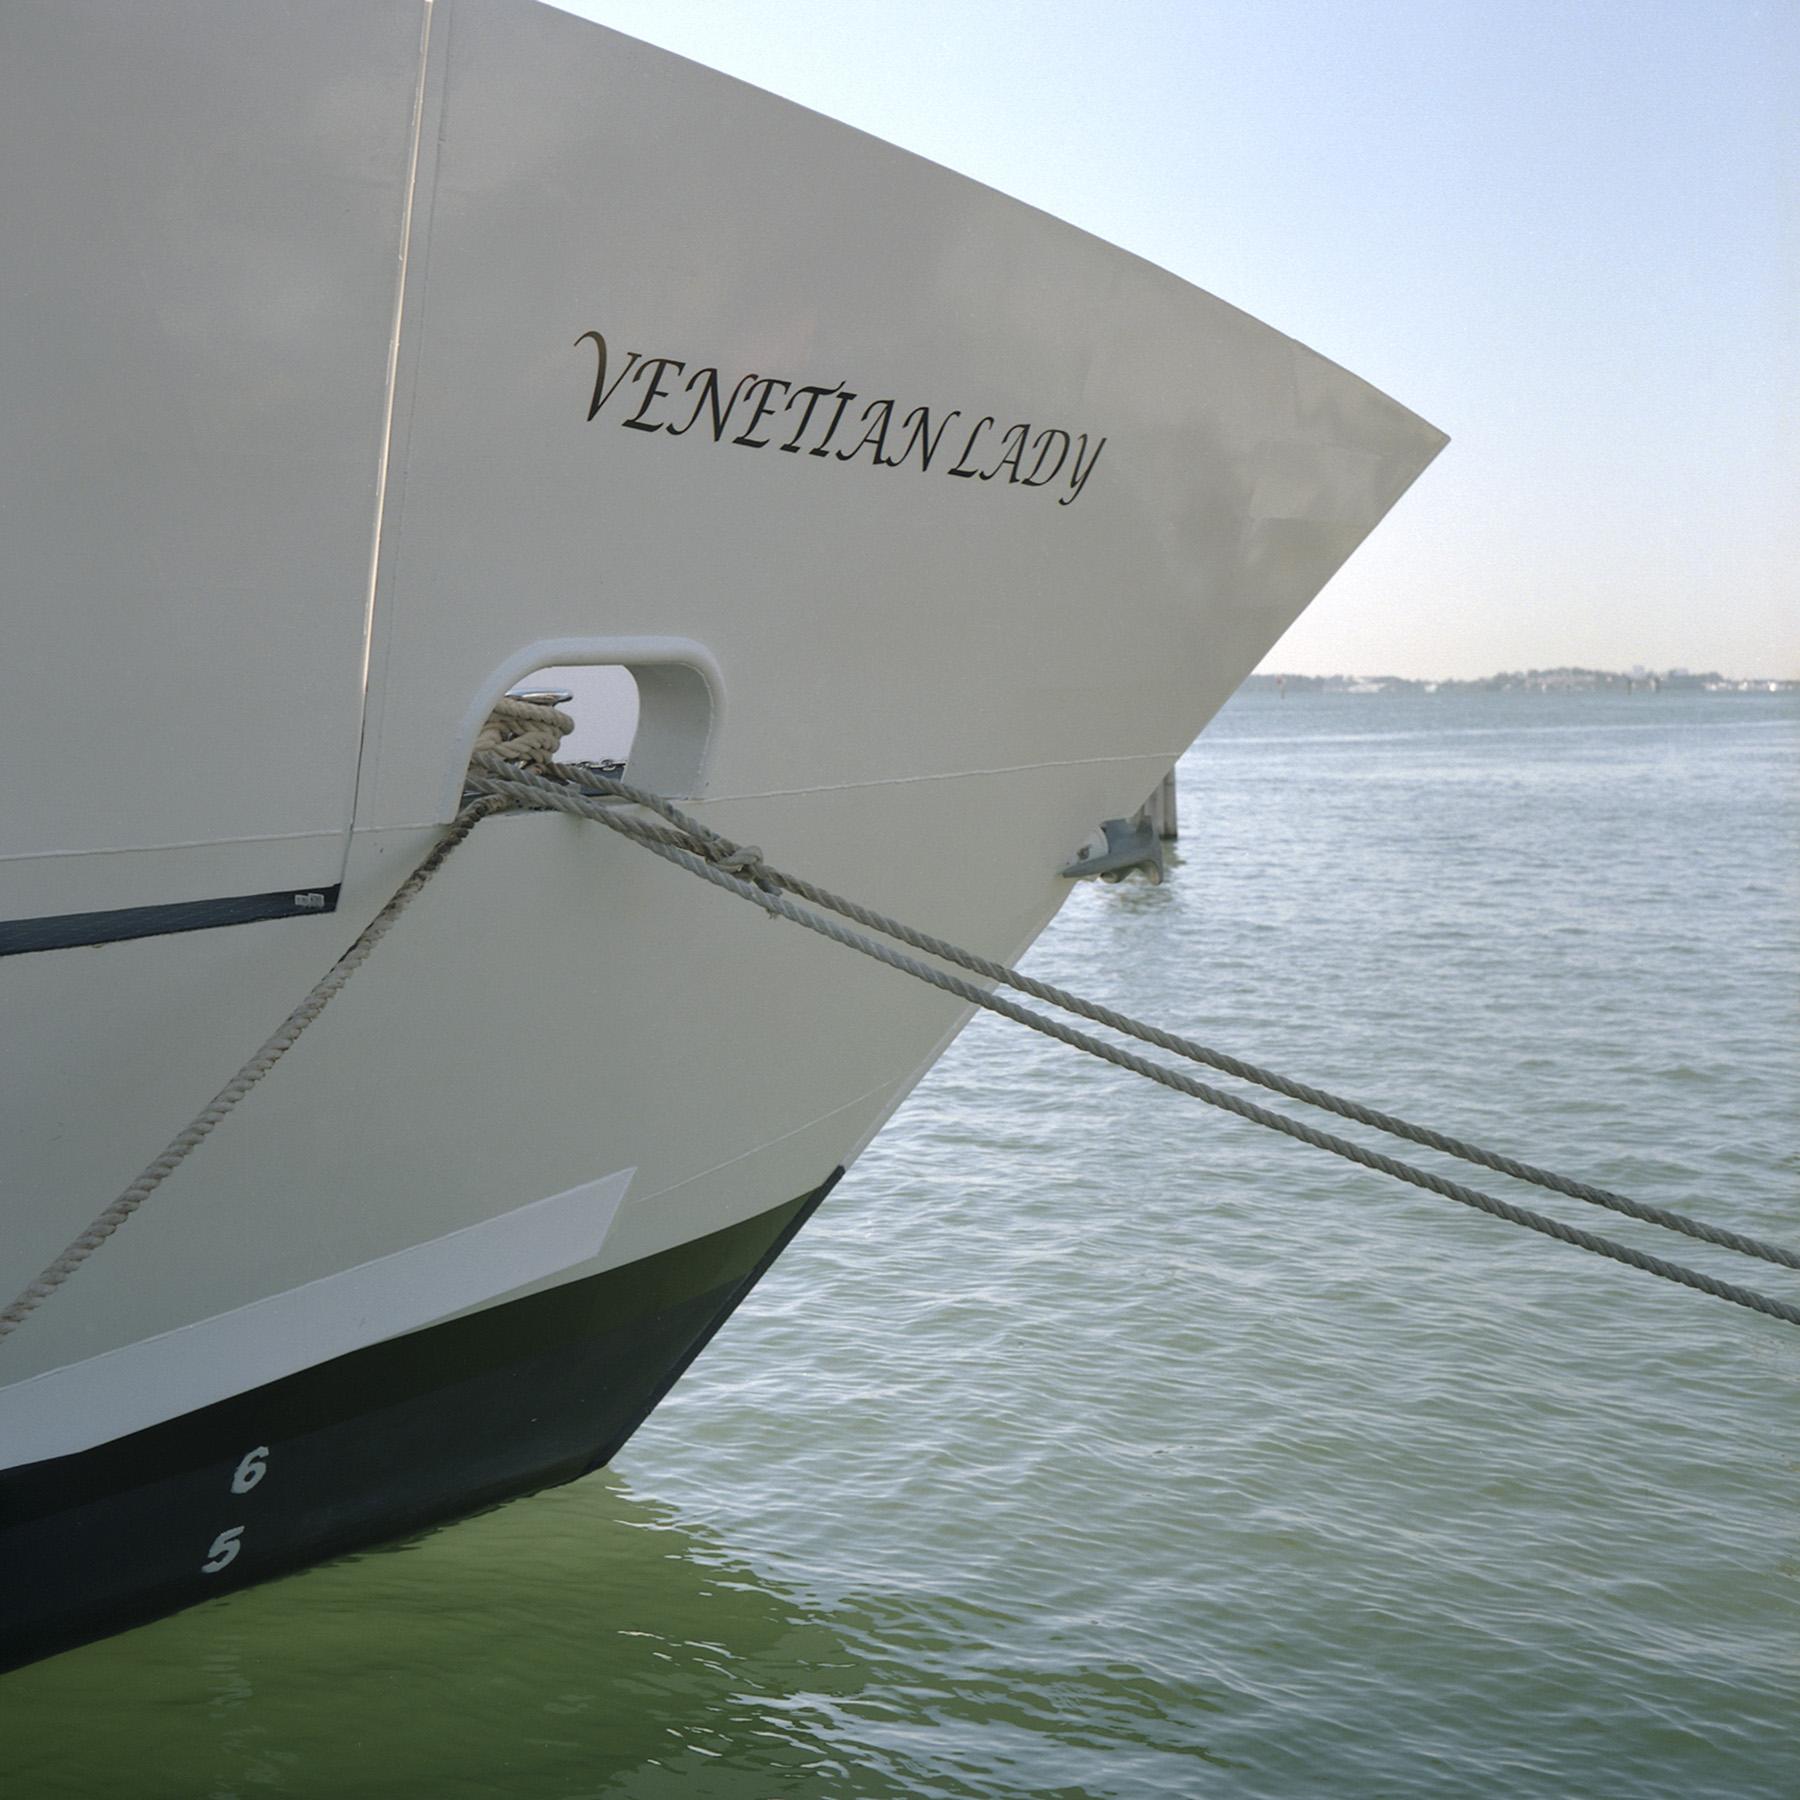 venetian lady